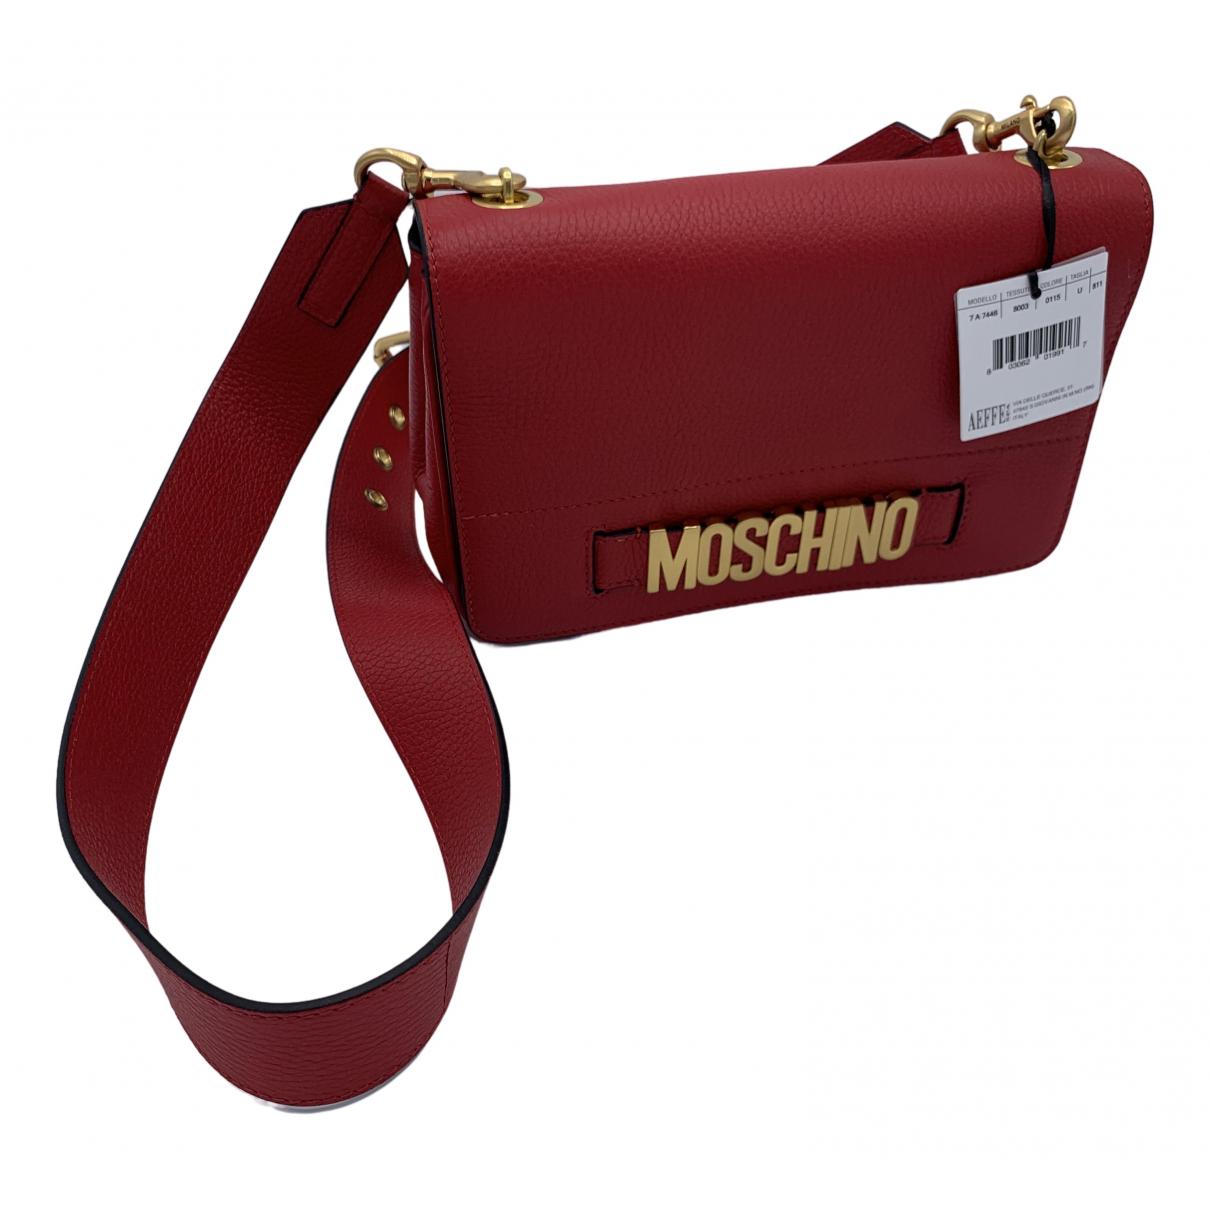 Moschino - Sac a main   pour femme en cuir - rouge